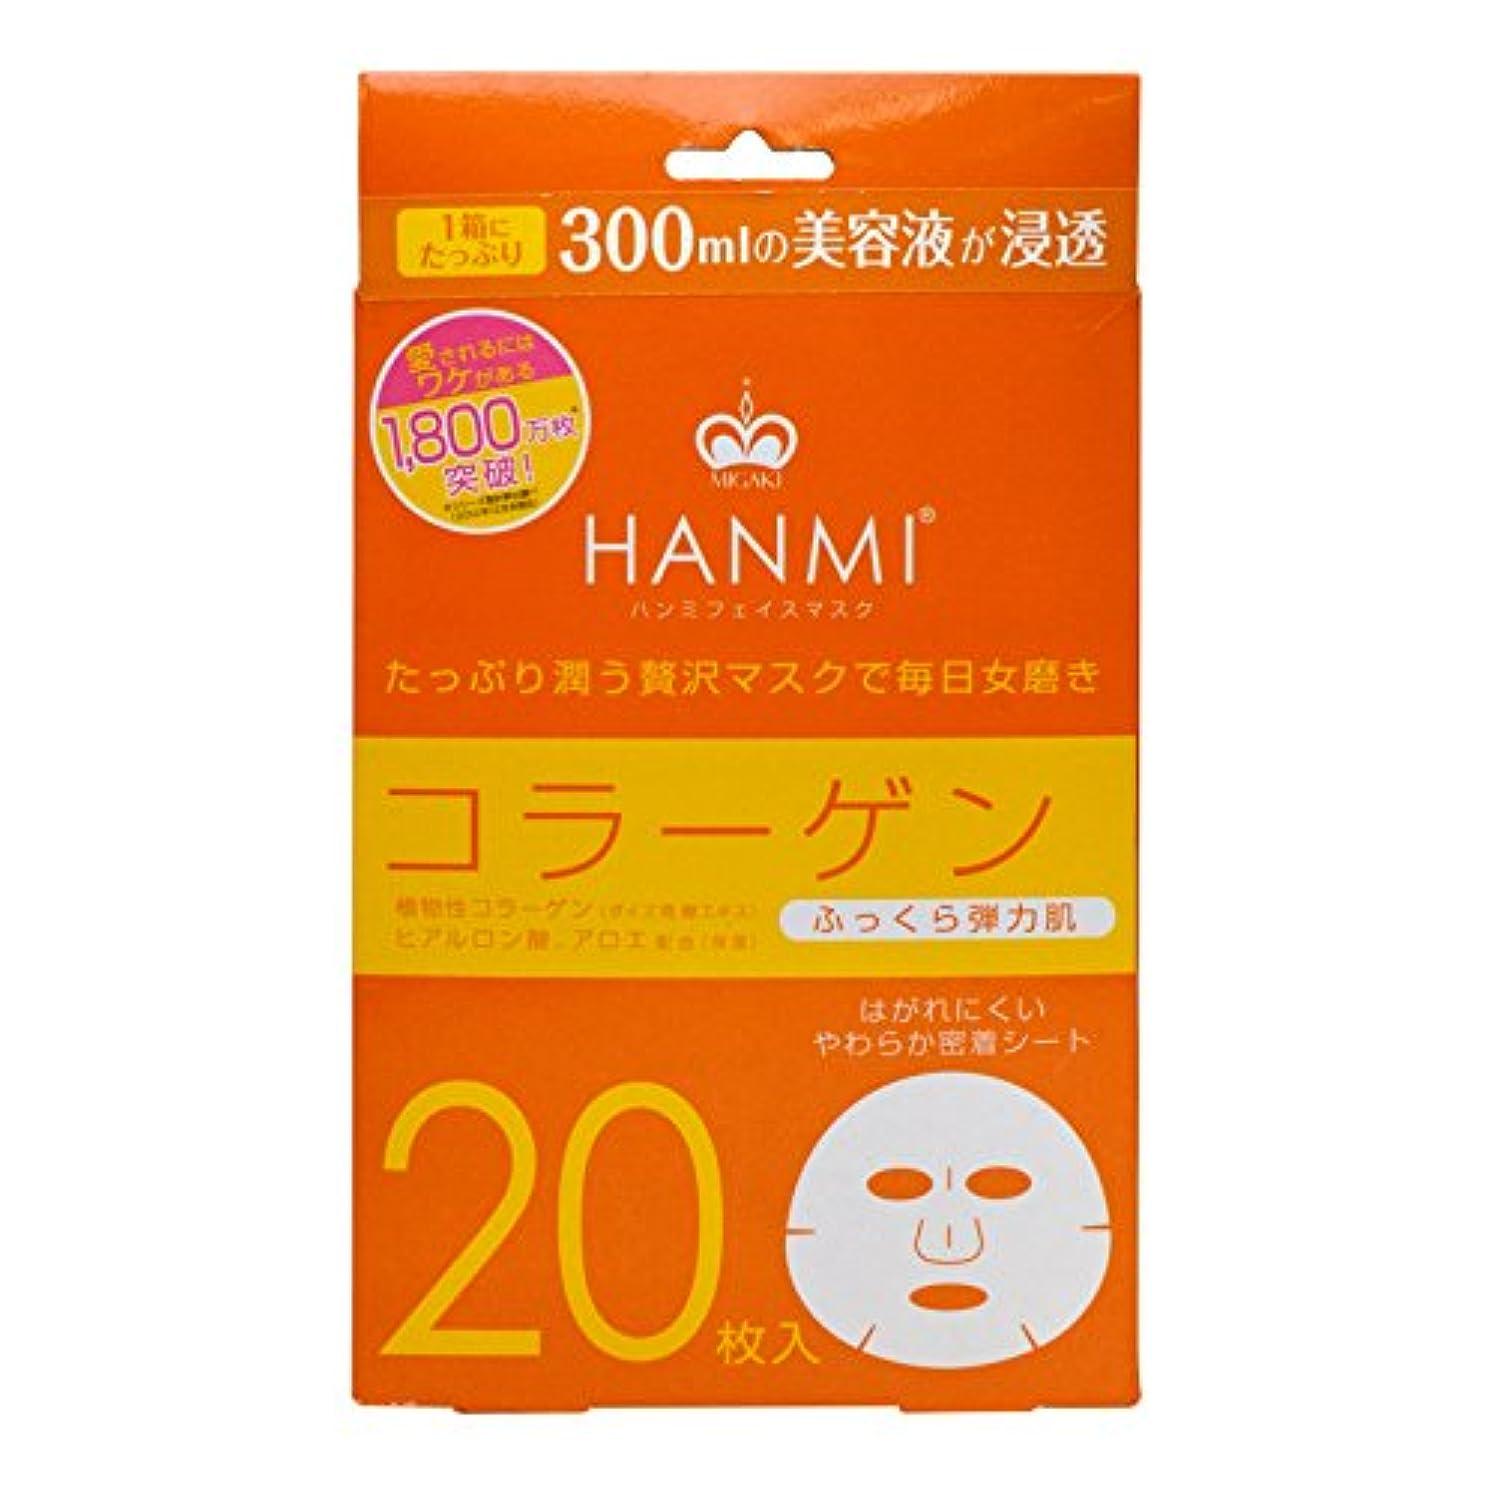 農奴犯人割り当てるMIGAKI ハンミフェイスマスク コラーゲン 20枚入り